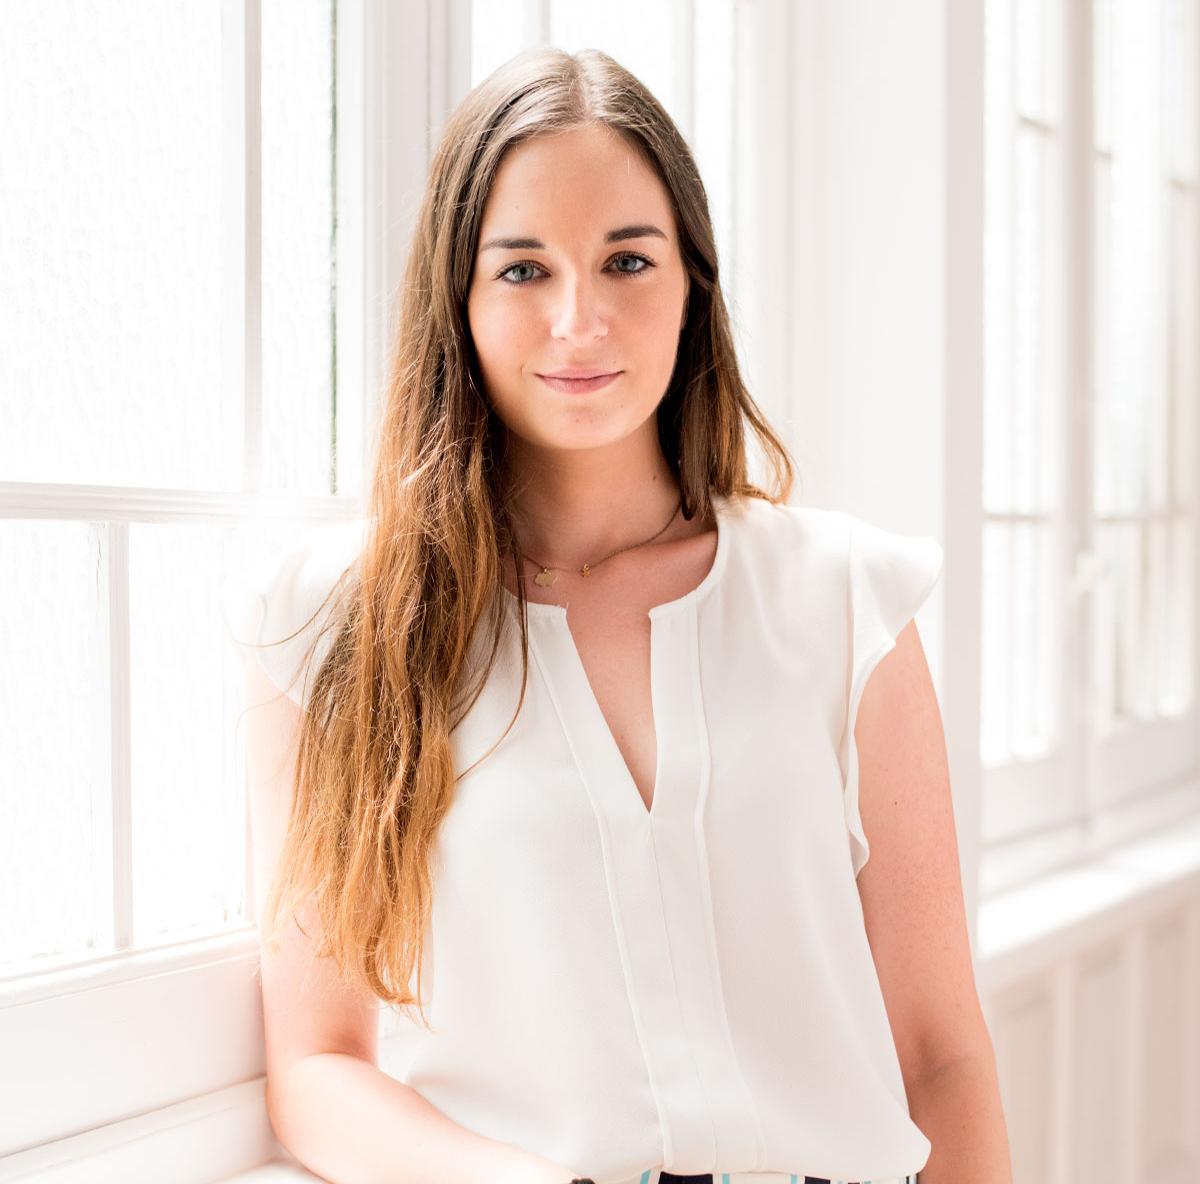 Marta Nieto- Ejecutiva de cuentas junior moda@pinupcomunicacion.es